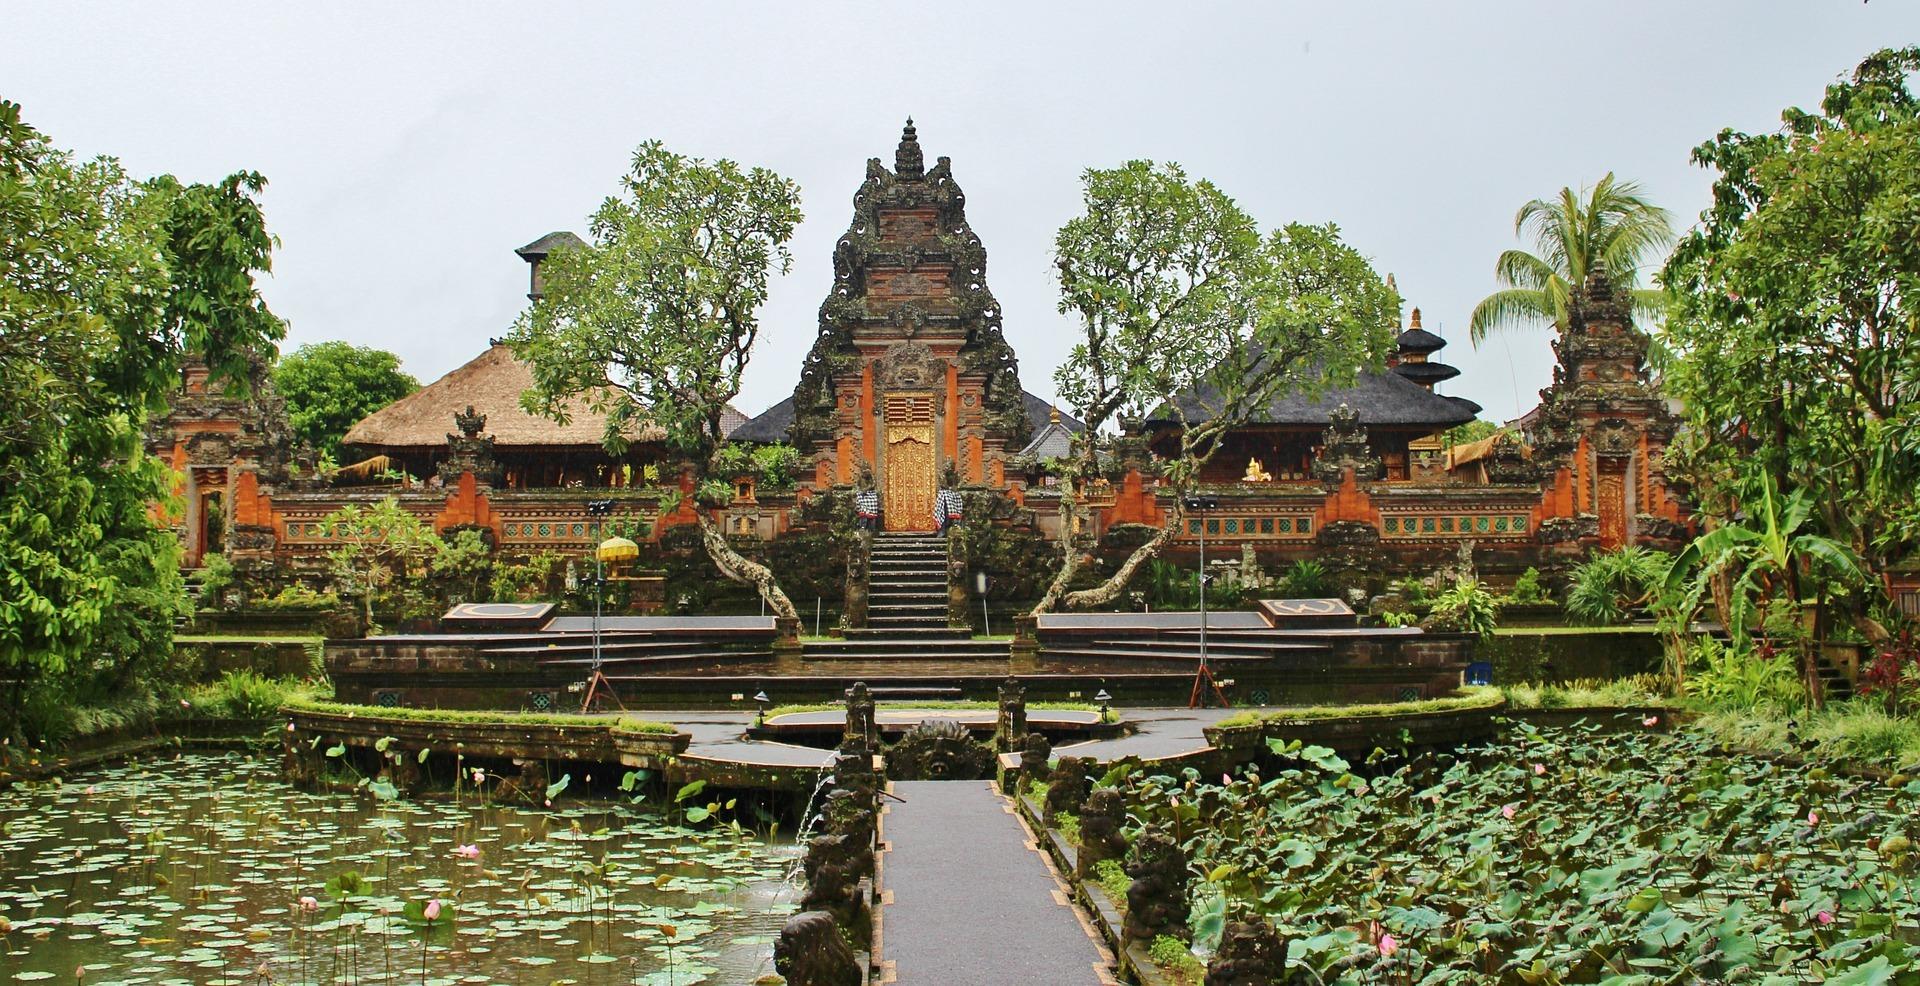 ubud_bali-has-wonderful-temples